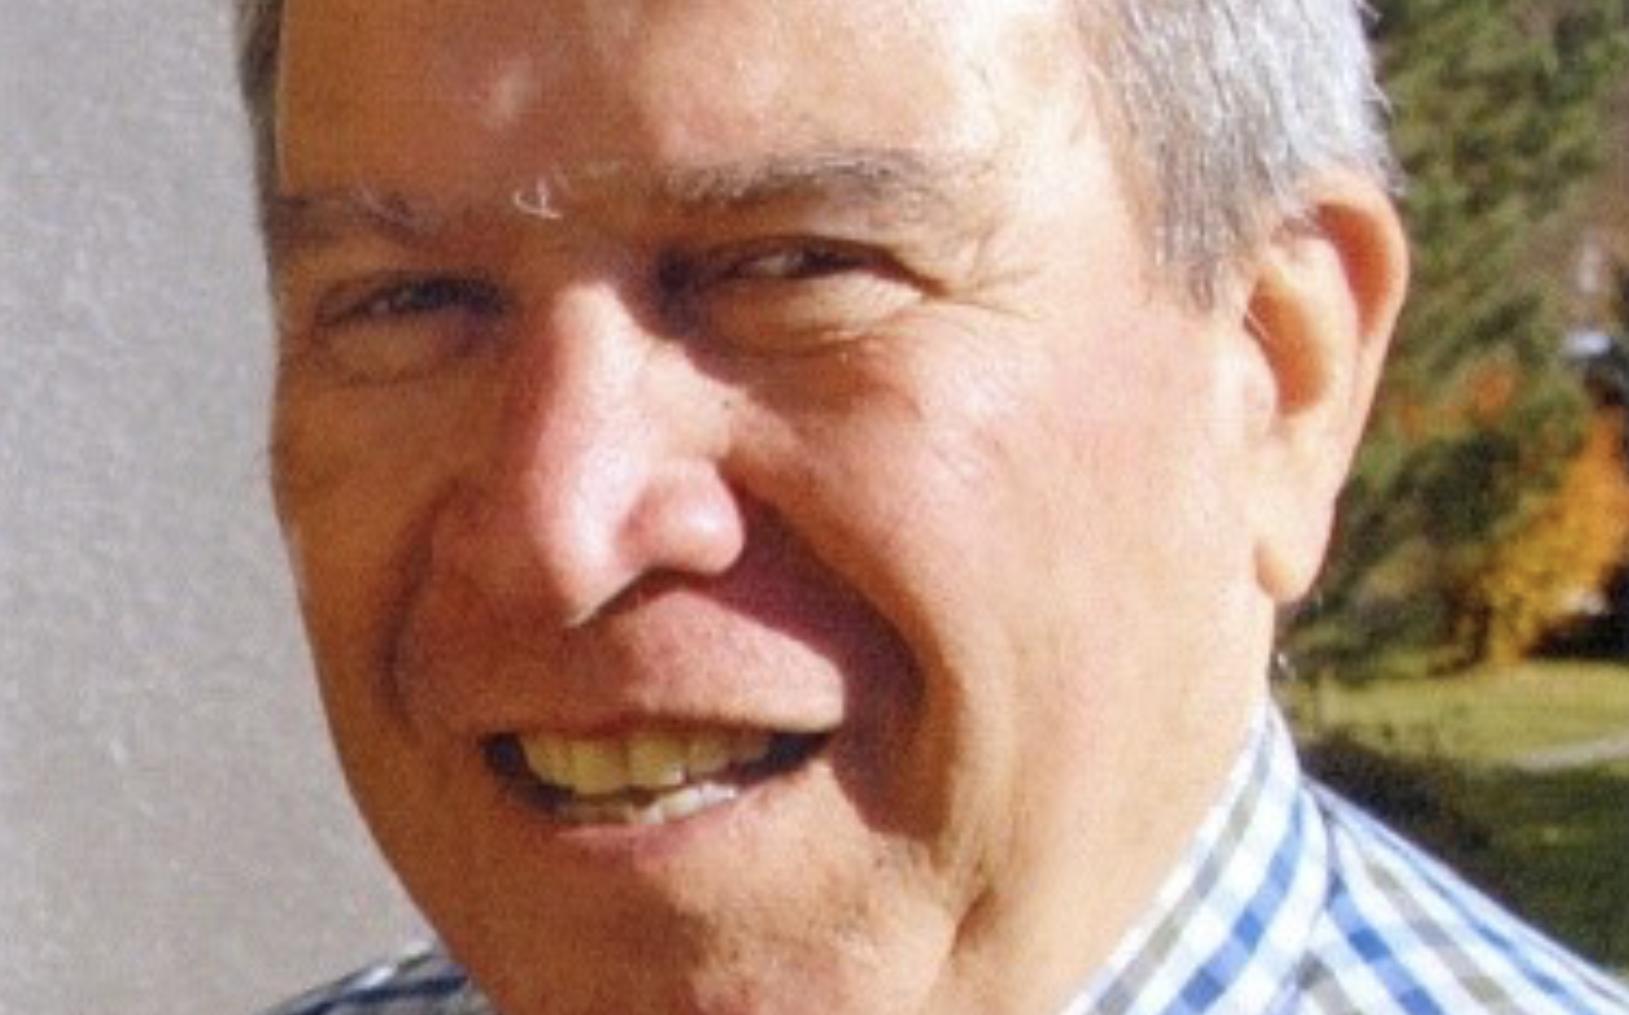 Πέθανε πασίγνωστος καθηγητής του Βόλου (φωτο)